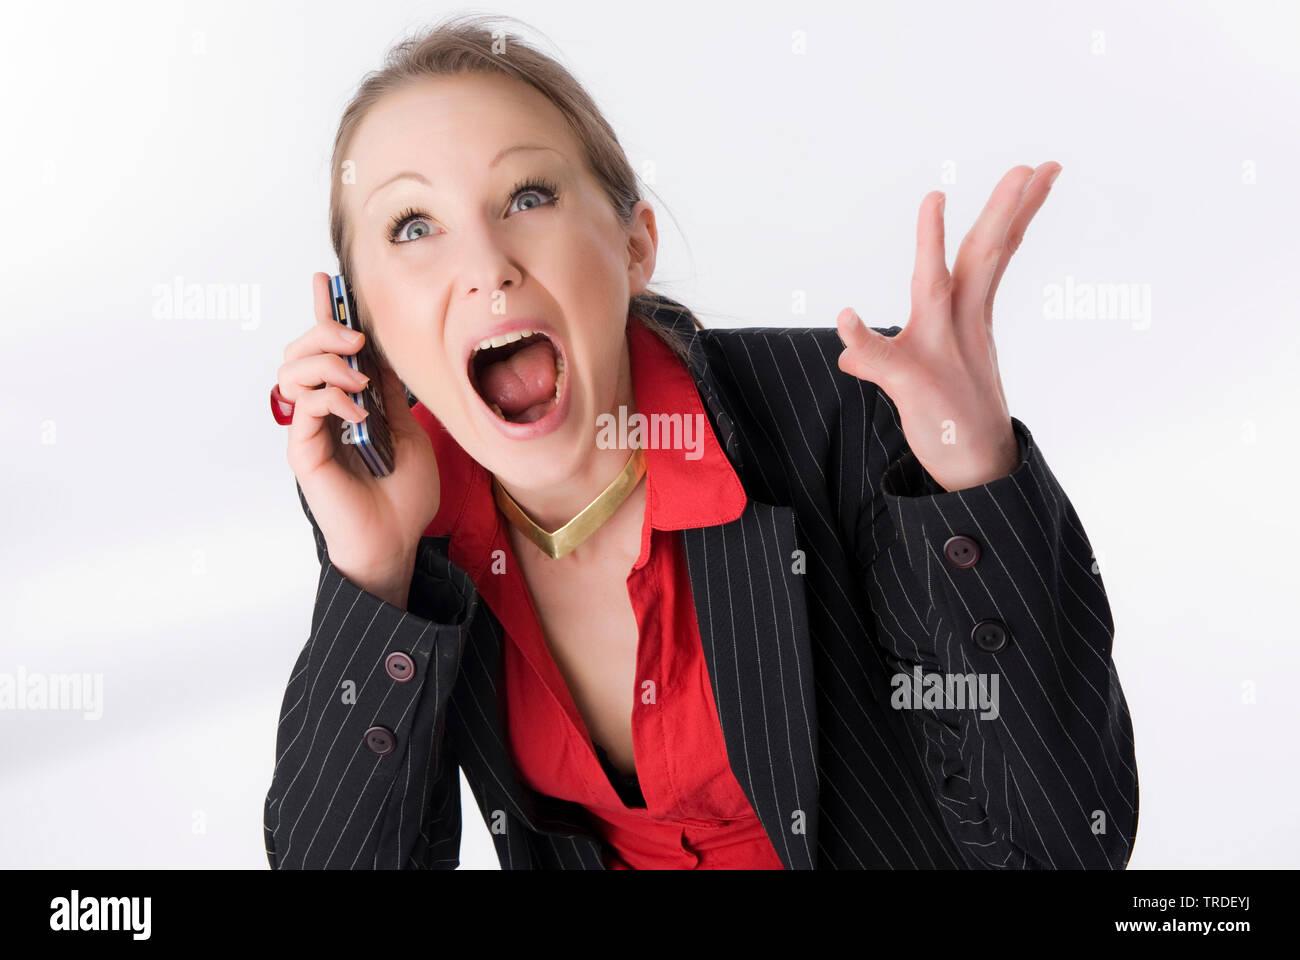 Portraet einer jungen, sympathischen Geschaeftsfrau, mit aufgerissenem Mund mit einem Handy telefonierend | Porträt einer jungen sympathischen Unternehmen woma Stockbild